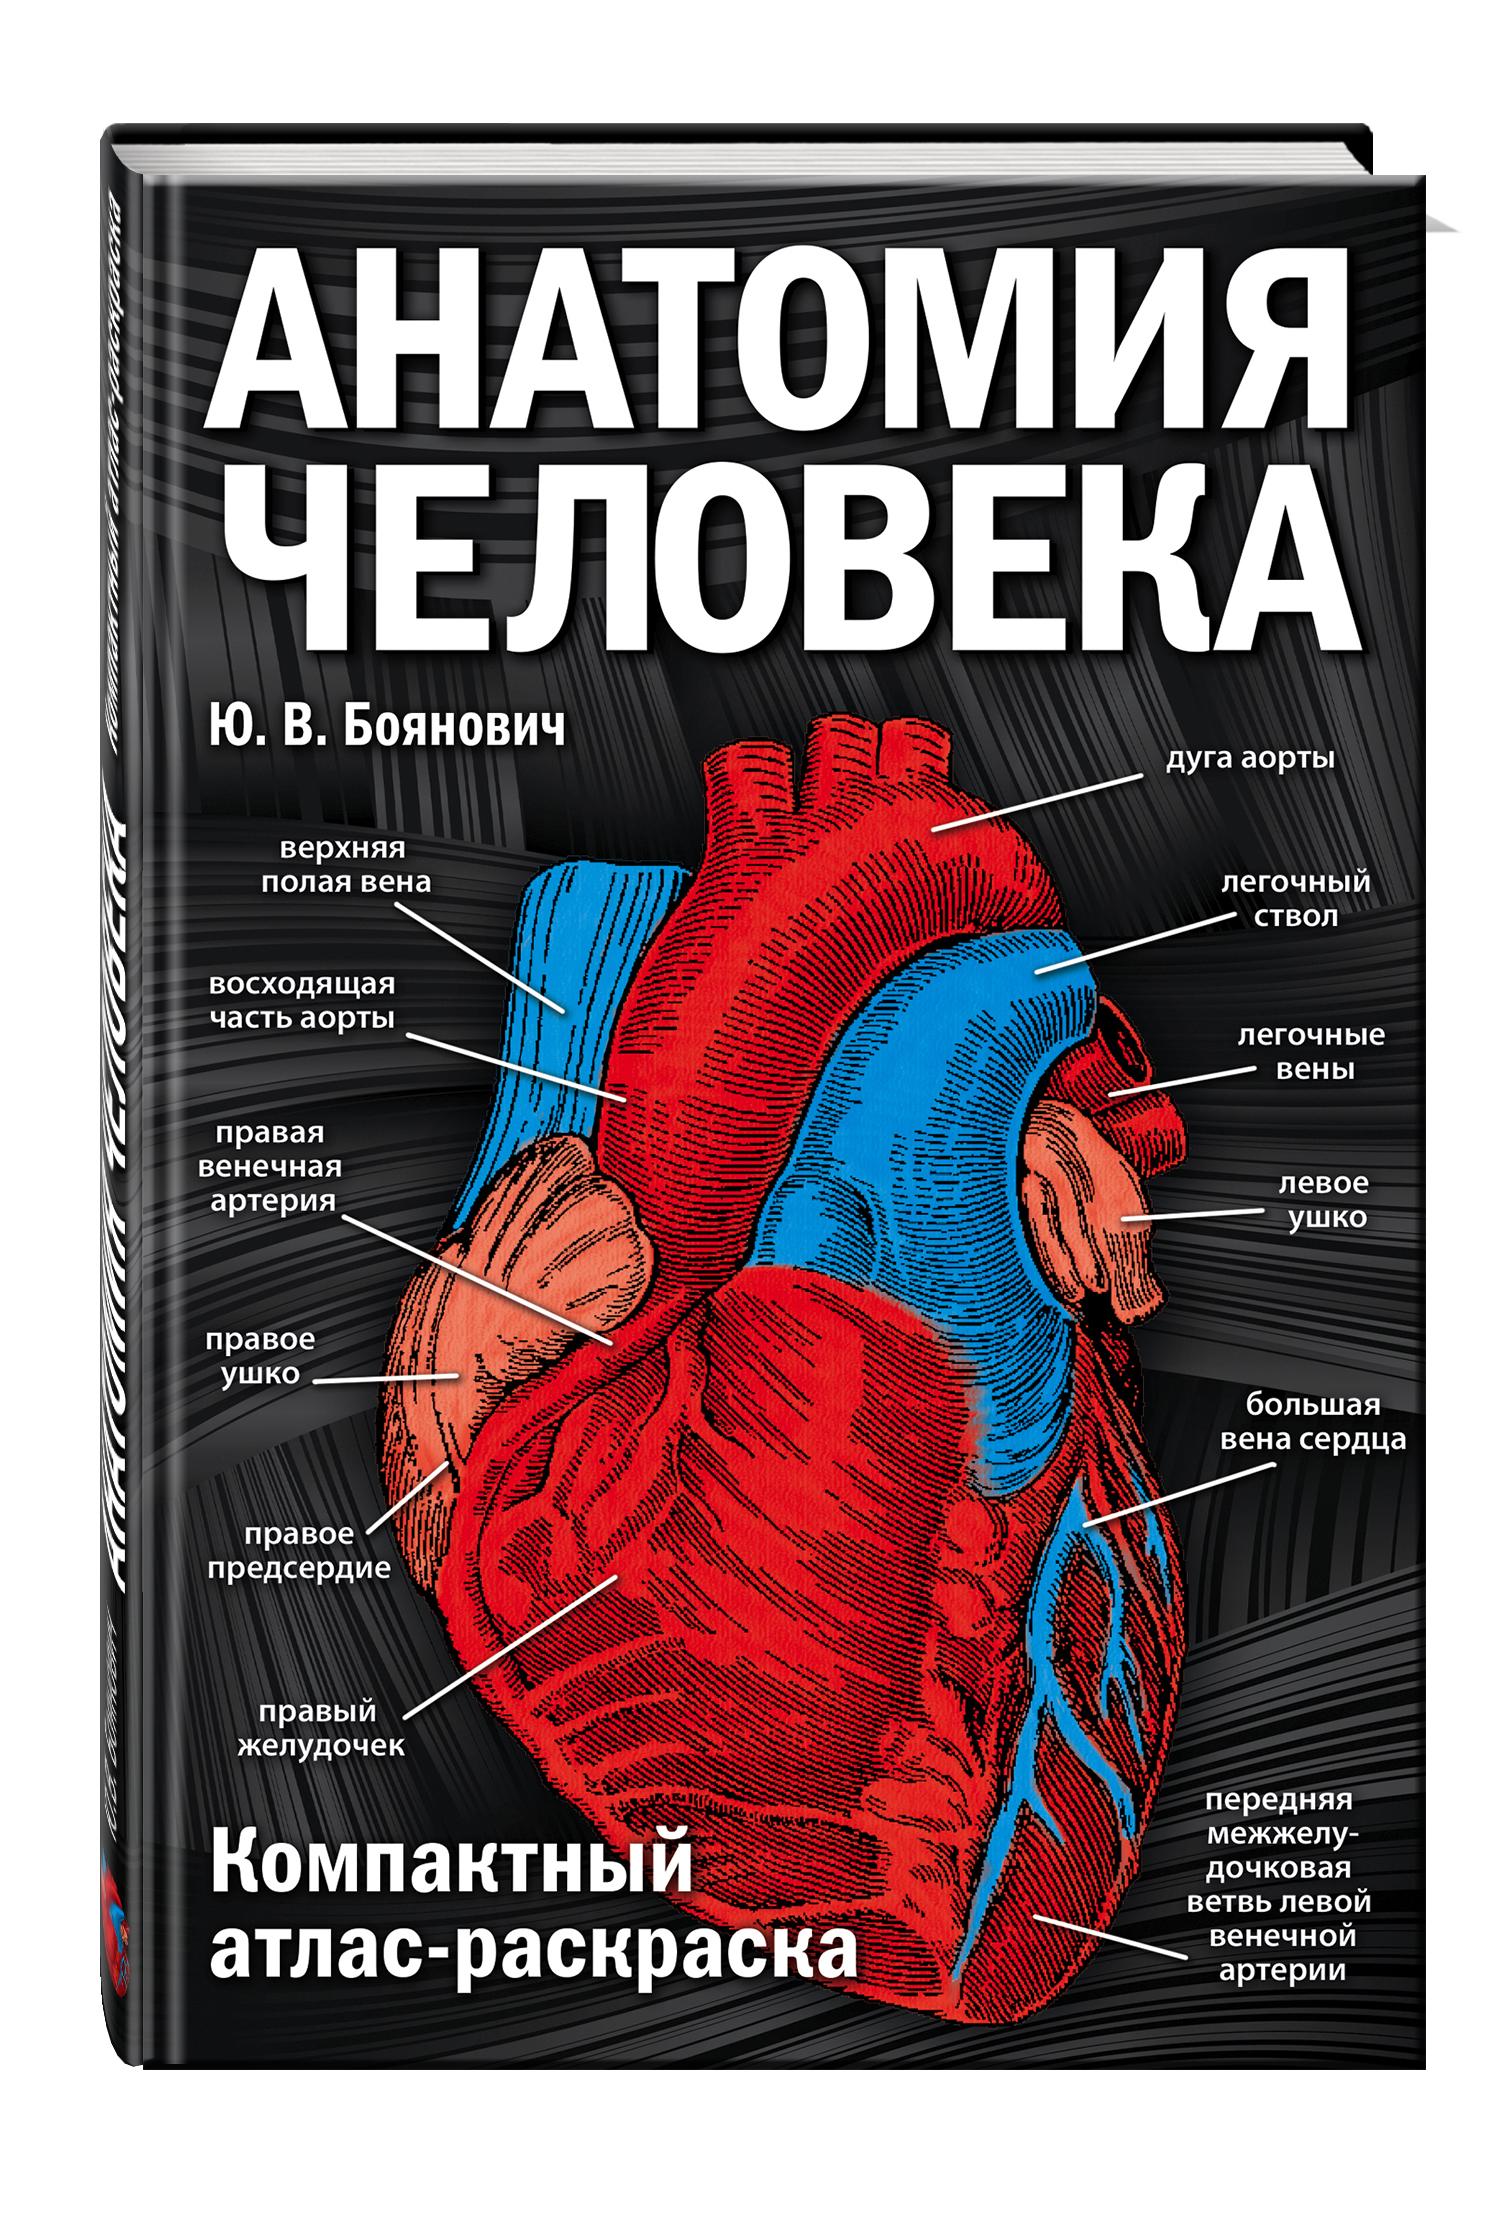 Боянович Ю.В. Анатомия человека: компактный атлас-раскраска шилкин в филимонов в анатомия по пирогову атлас анатомии человека том 1 верхняя конечность нижняя конечность cd